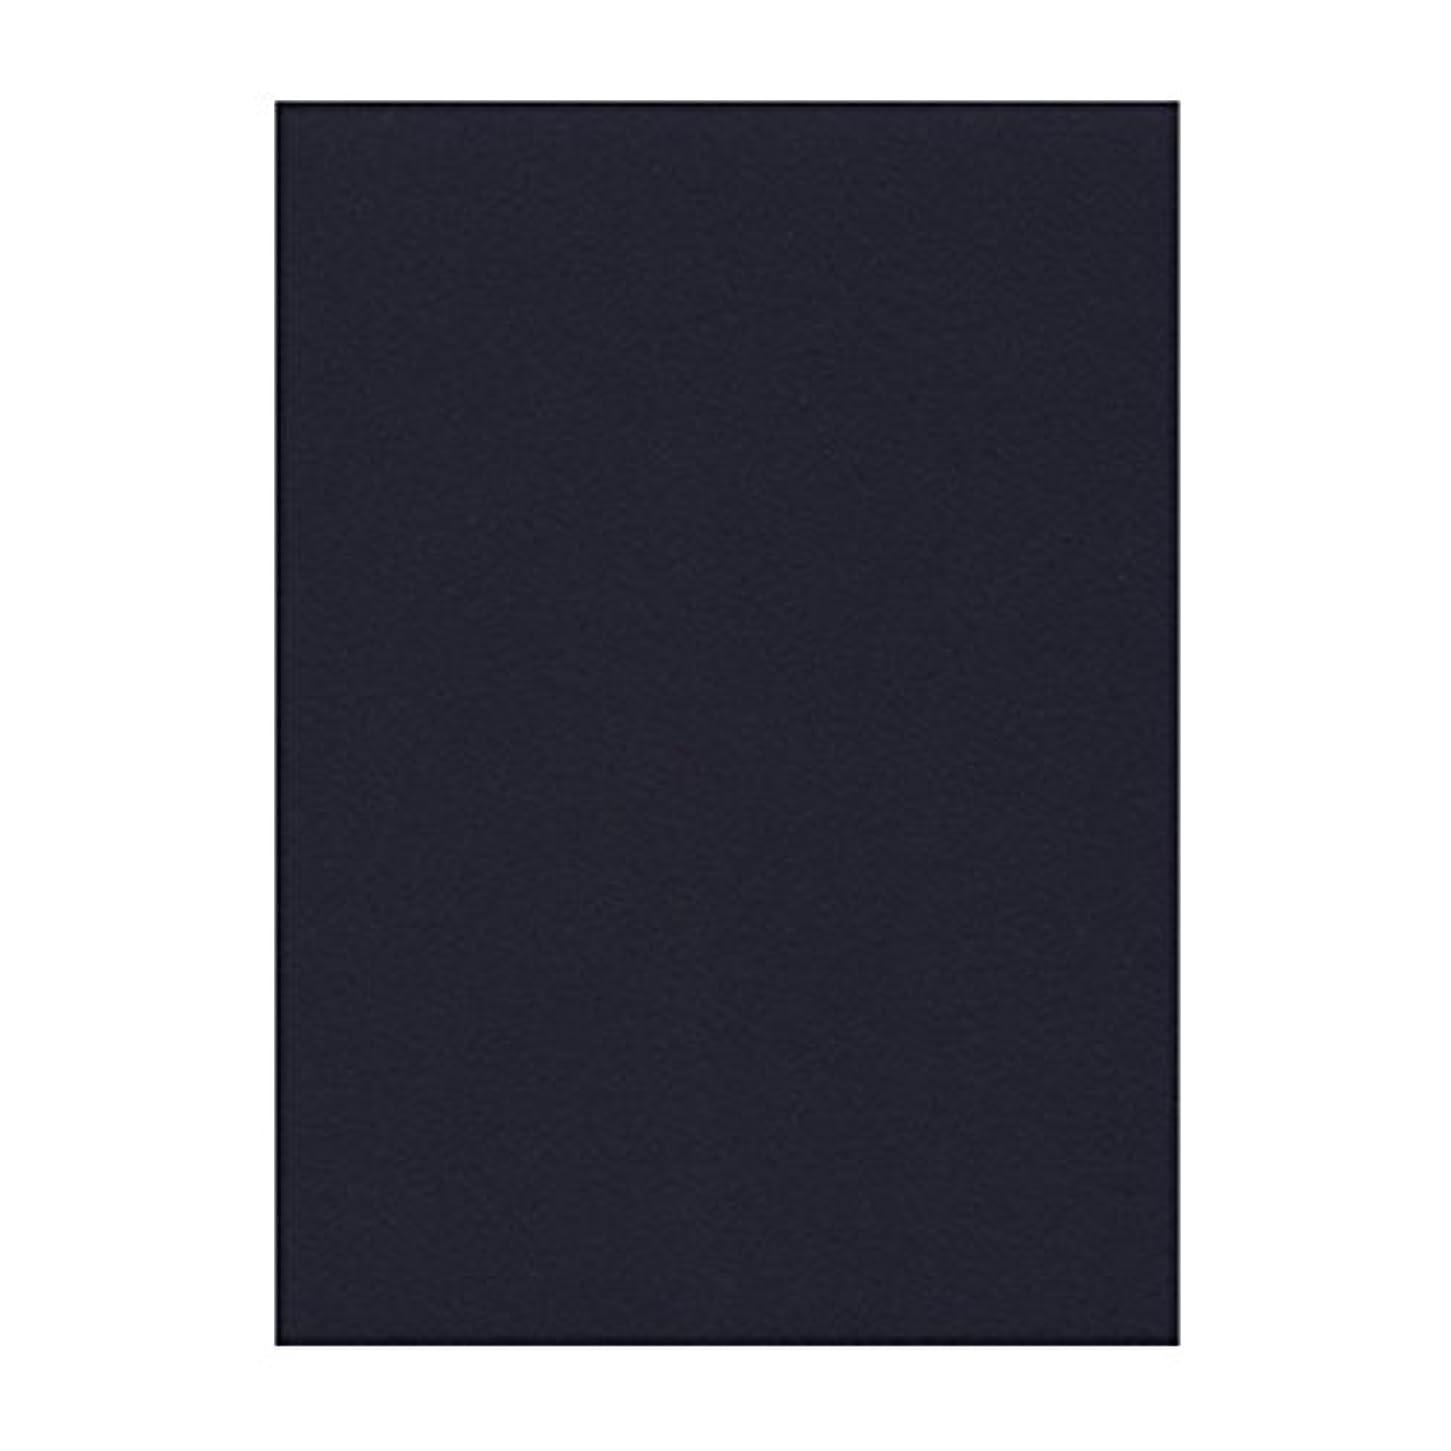 オセアニア人事兵隊【半紙判サイズ】書道用下敷き/厚さ1mm 紺 半紙判(4042320)折り目も付きにくく、学童用におすすめです!【書道用品】【小物】